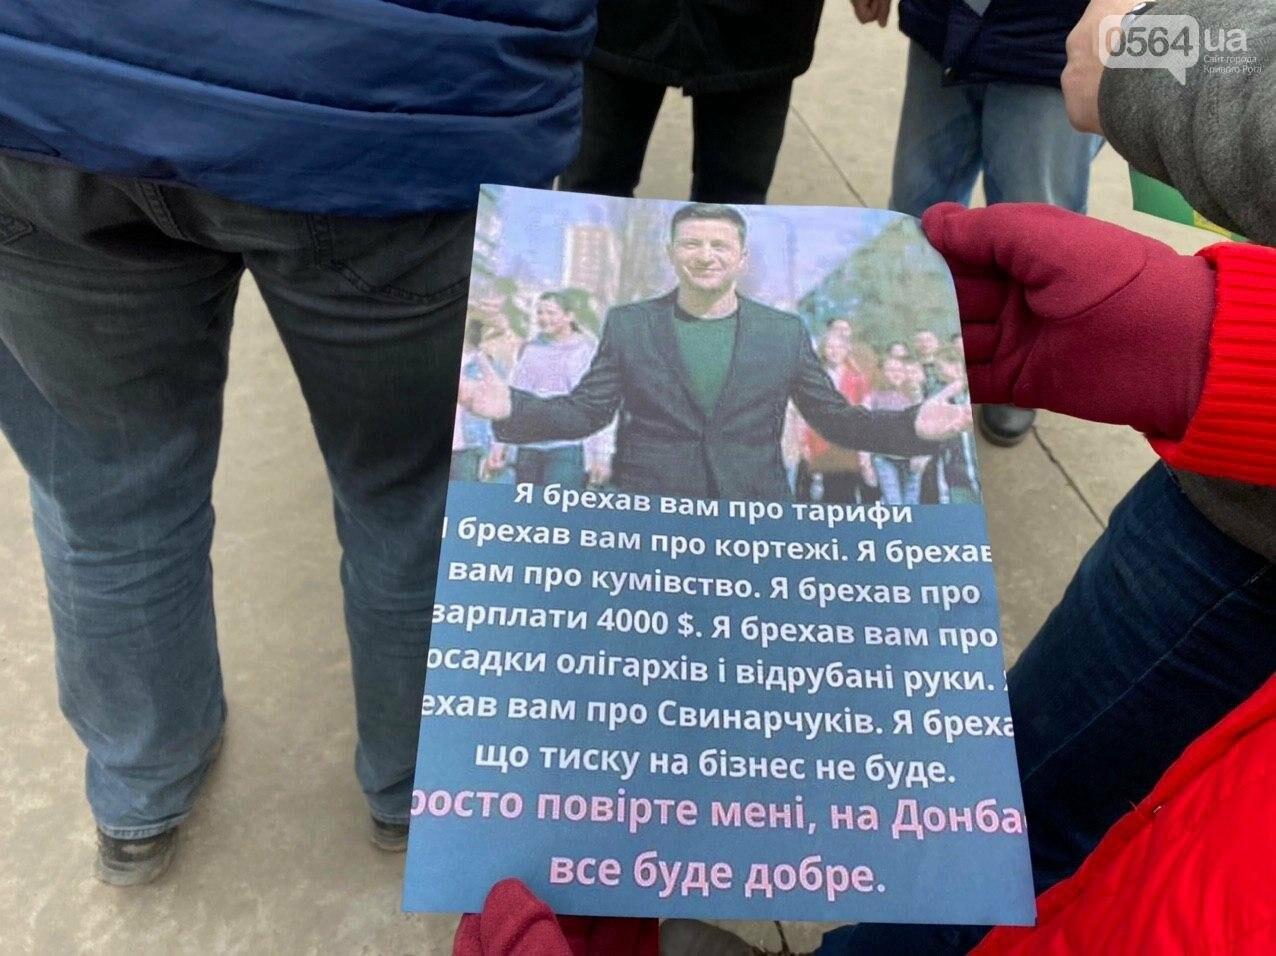 Криворожане записали видеообращение к земляку-президенту и рассказали, как ему убивают рейтинги в городе, - ФОТО, ВИДЕО , фото-18